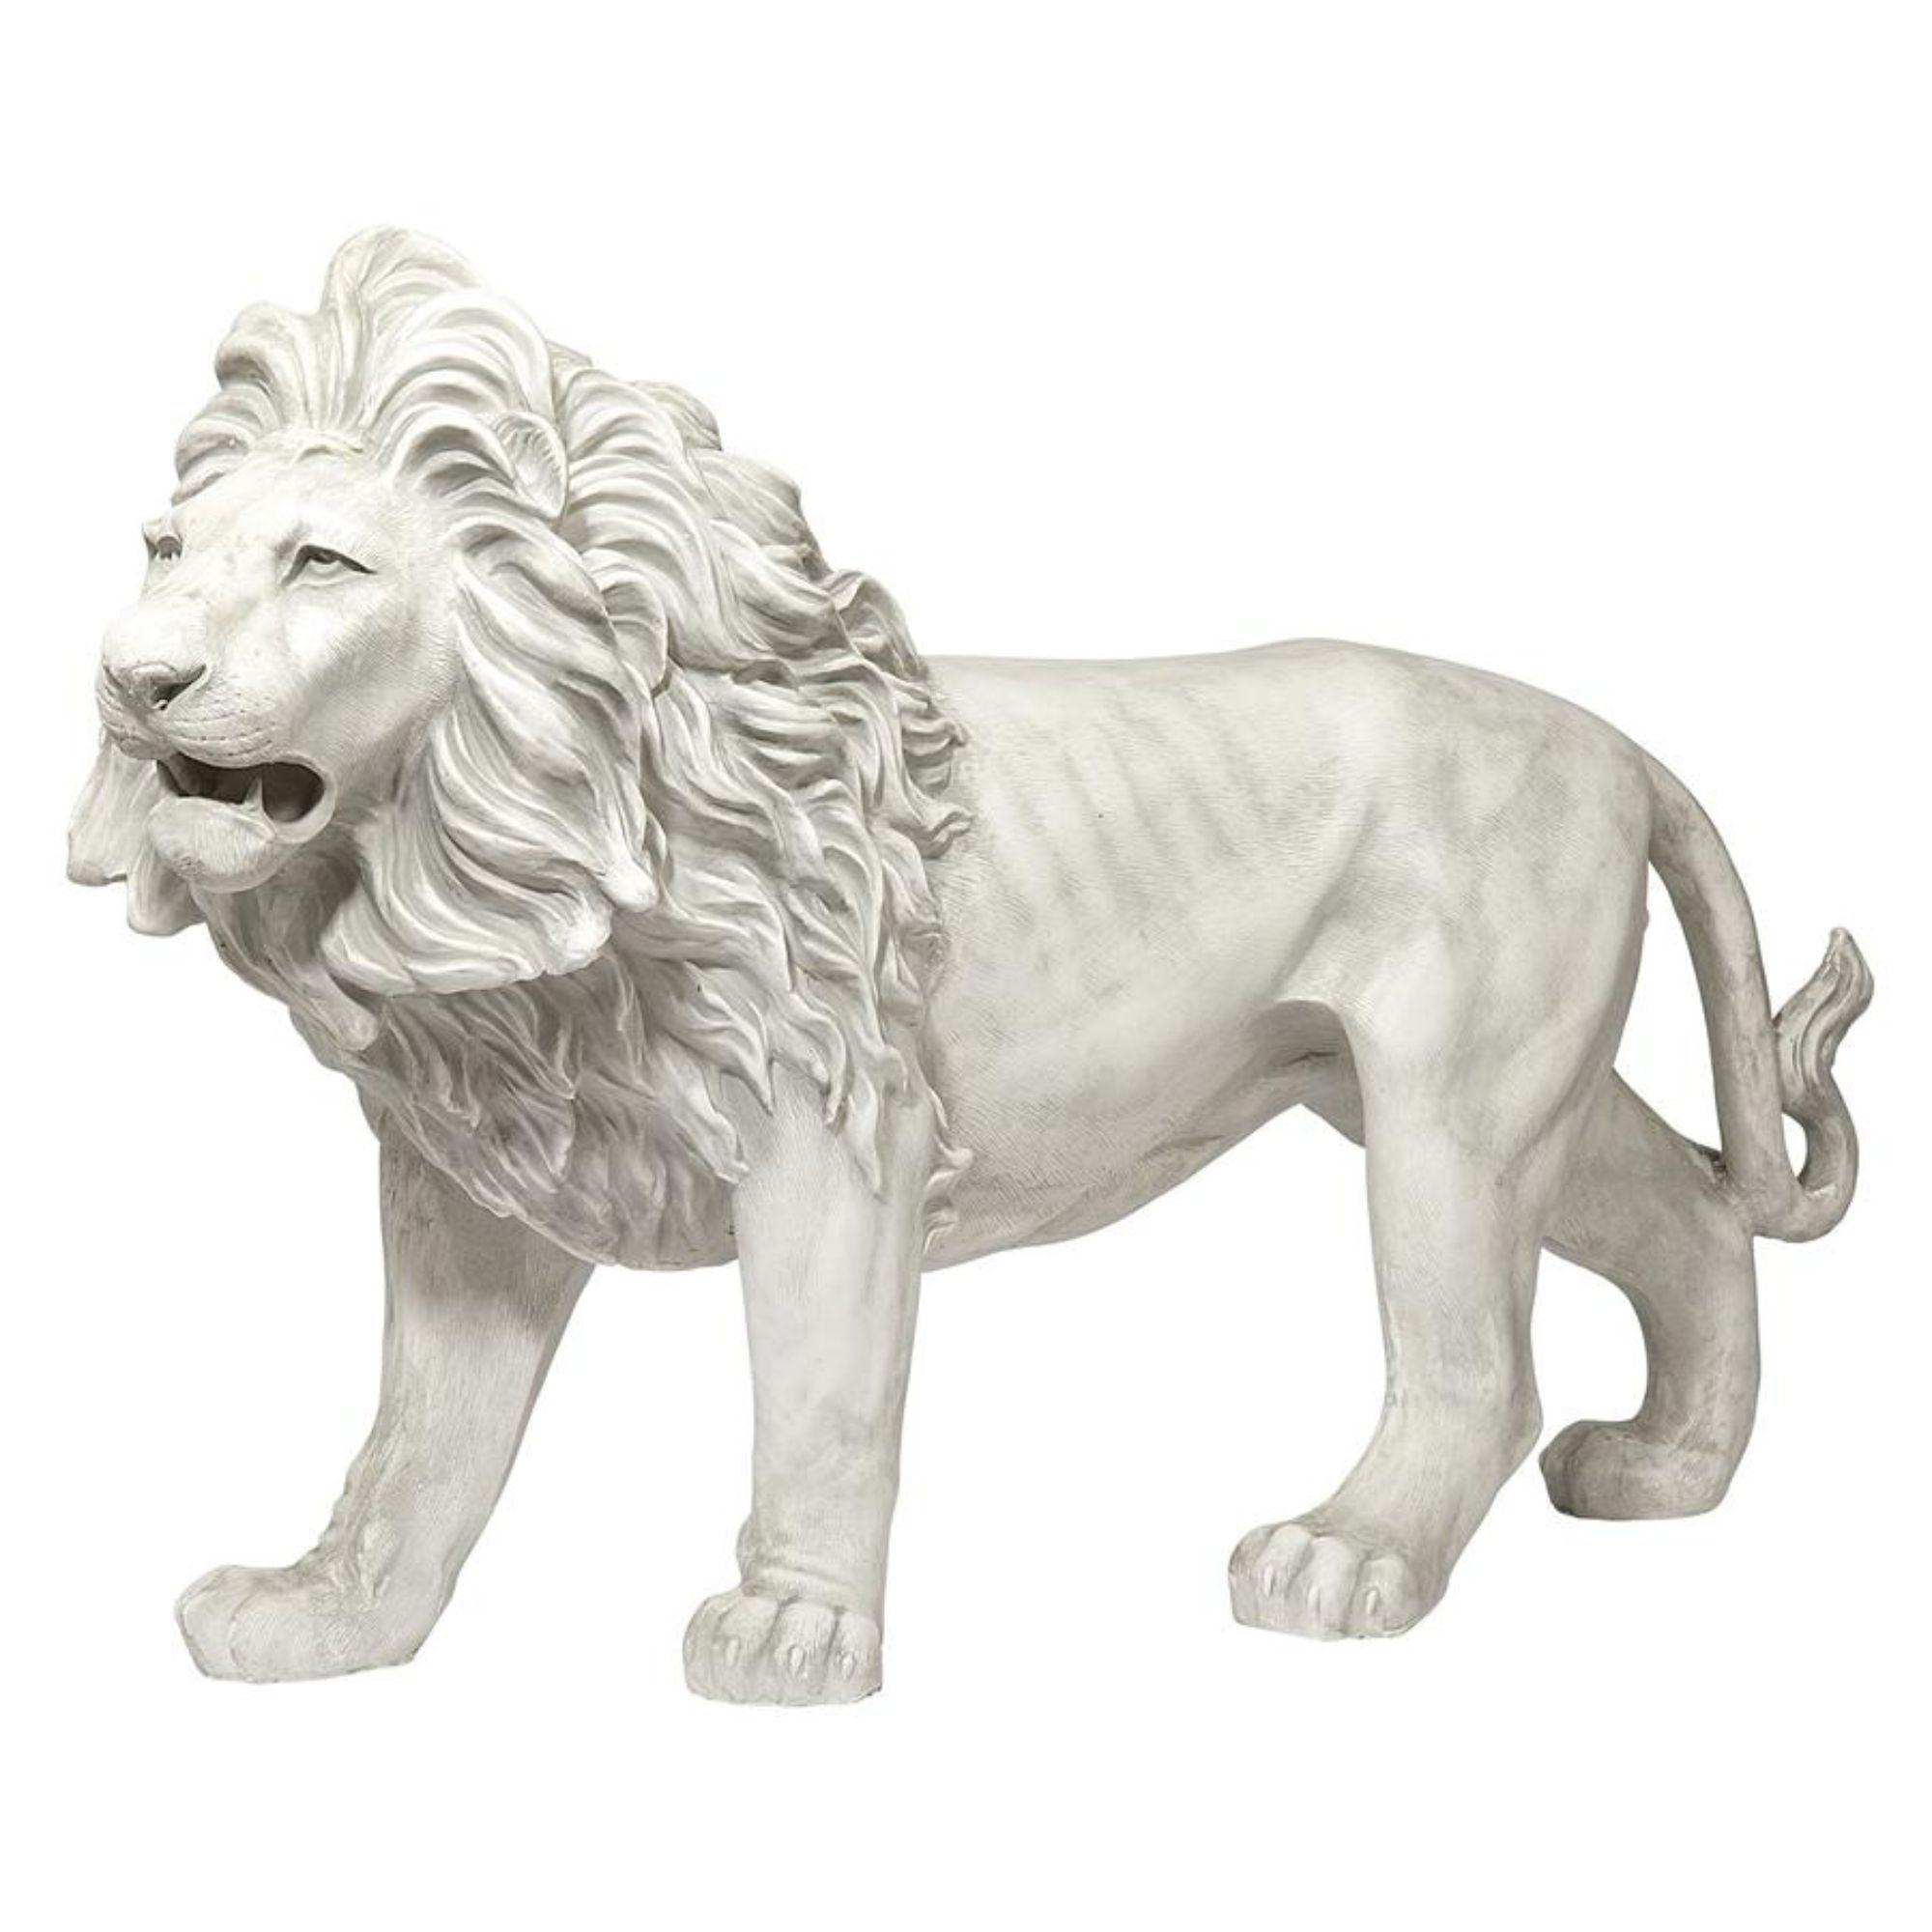 37 White And Gray Regal Lion Sentinel Of Grisham Manor Outdoor Garden Statue Ga Garden Gray Grisham Lion M Garden Statues Statue Outdoor Garden Statues